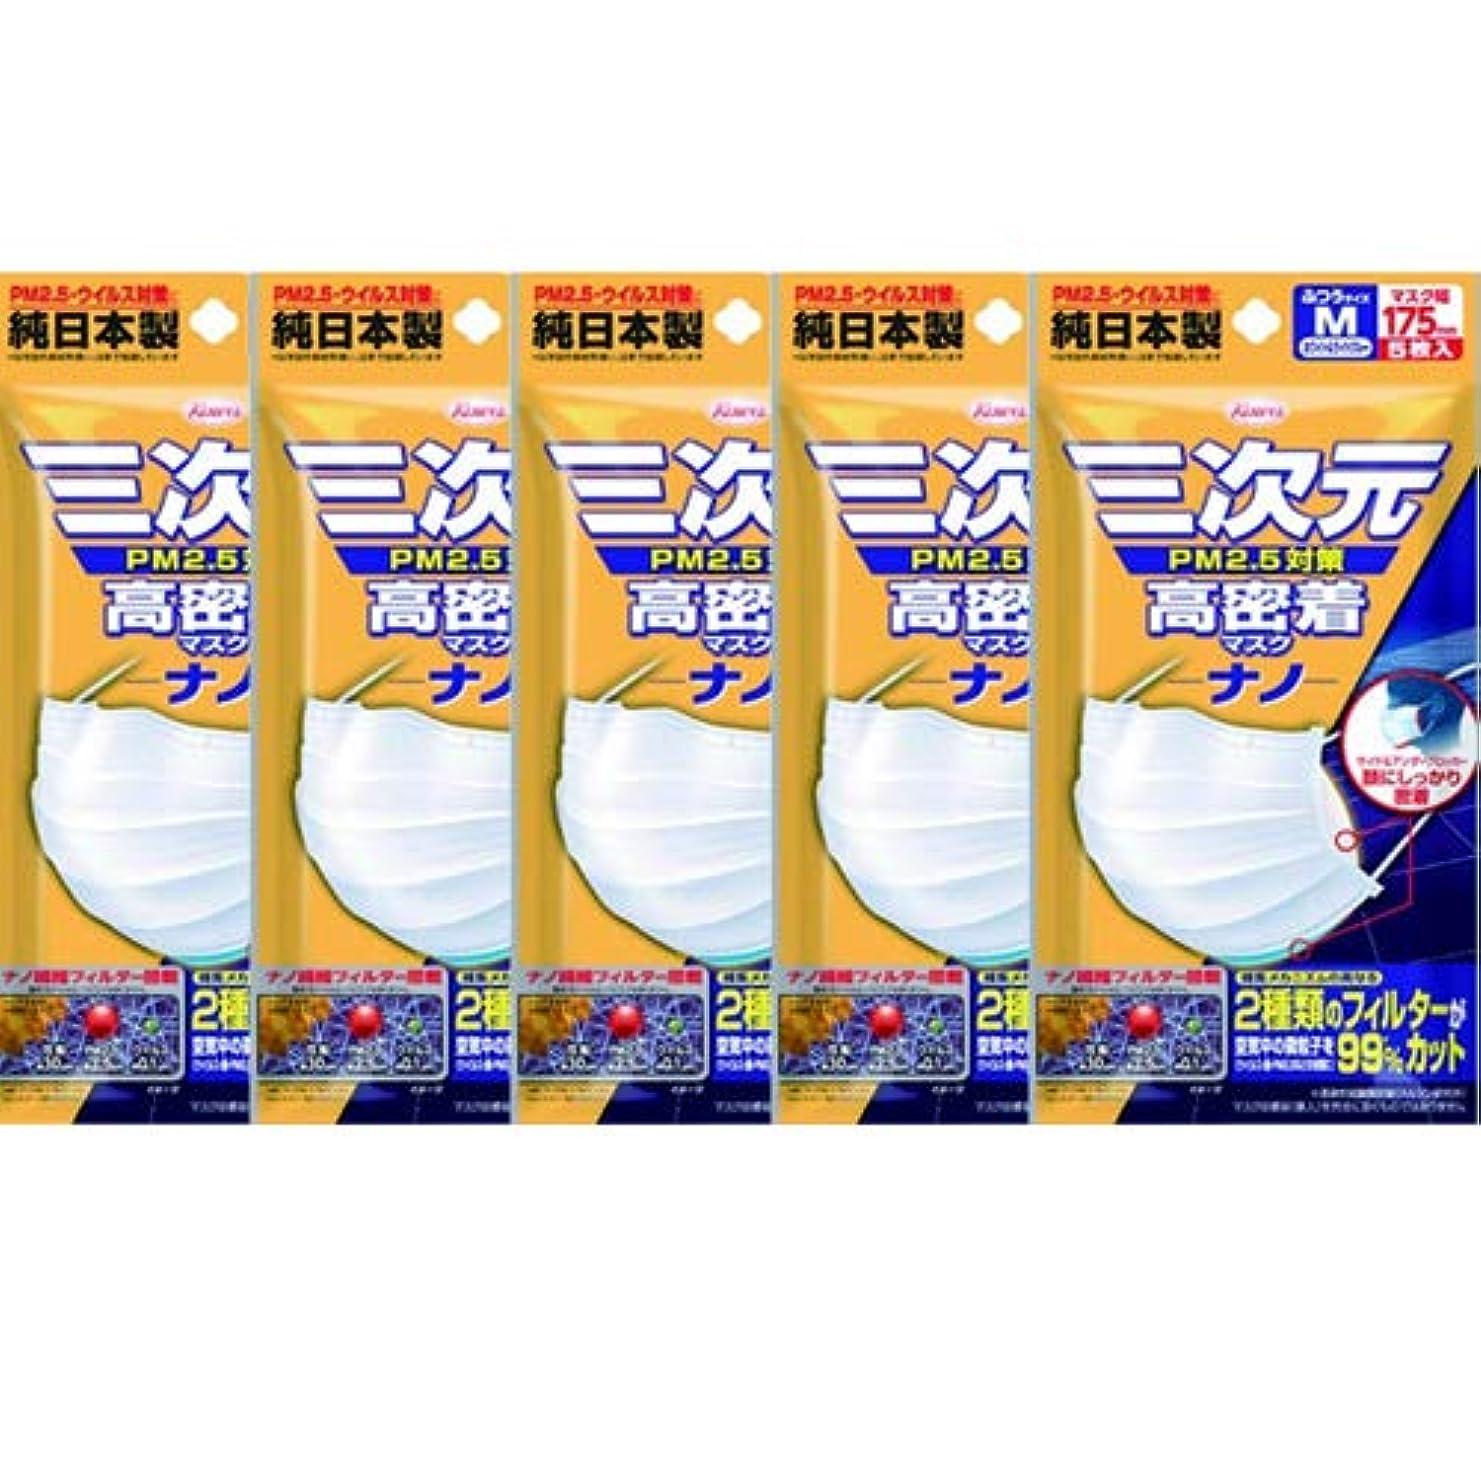 リテラシーアスレチックプライム(興和新薬)三次元 高密着マスク ナノ ふつう Mサイズ 5枚入(お買い得5個セット)